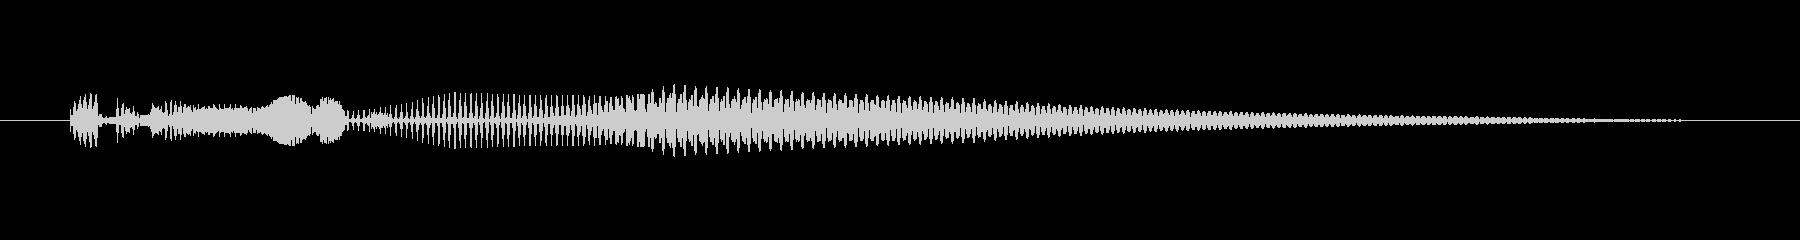 クリック レディブート02の未再生の波形